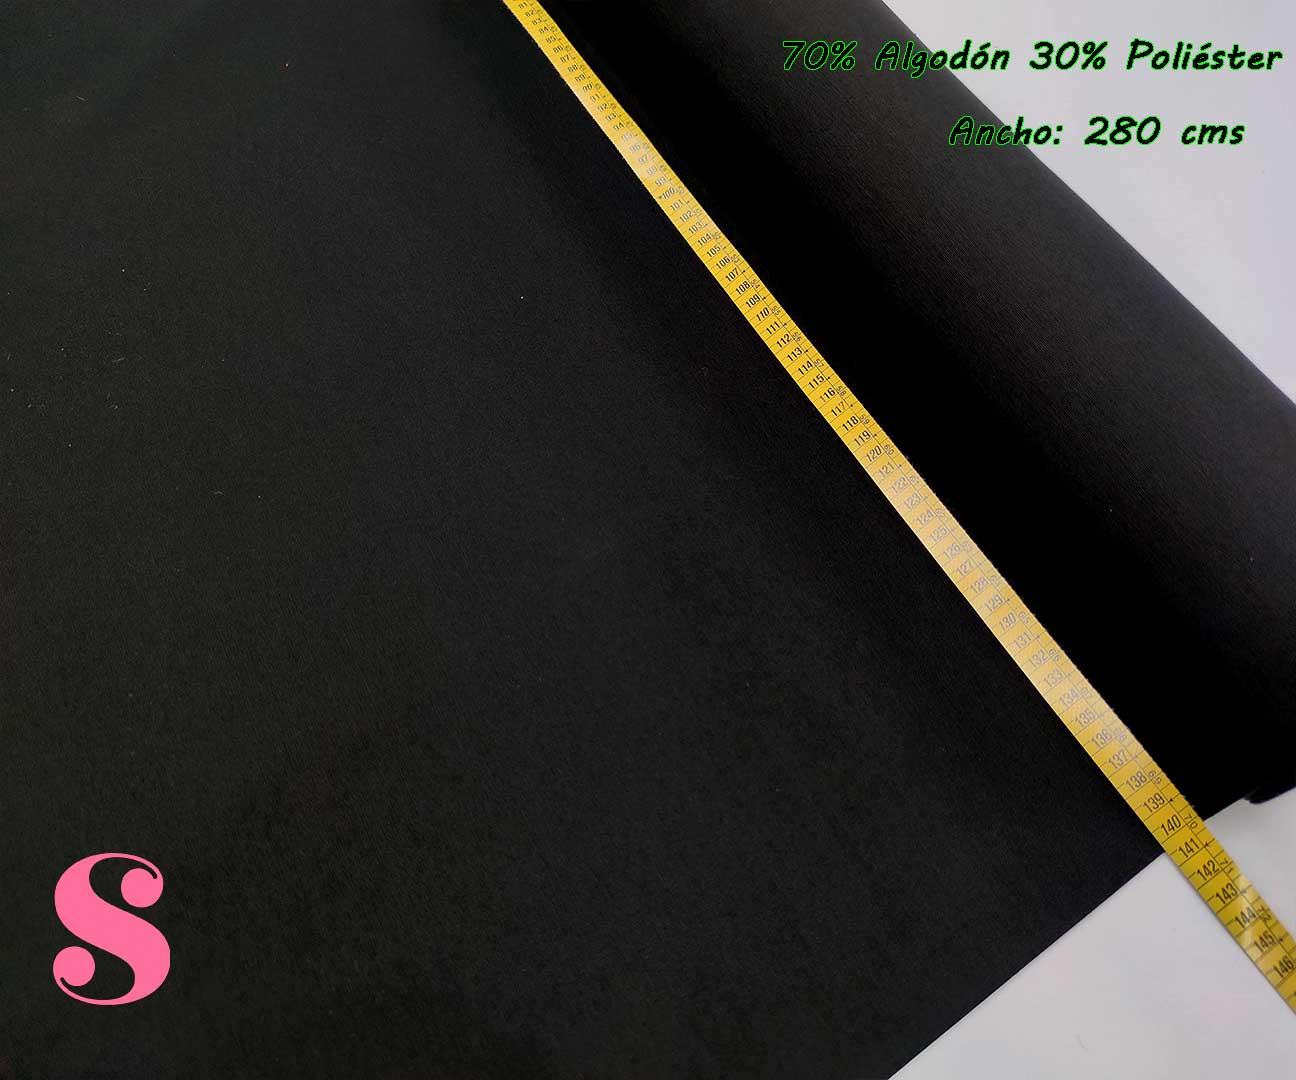 lonetas-de-buena-calidad,lonetas-de-exterior,lonetas-lisas-Loneta Lisa Negra